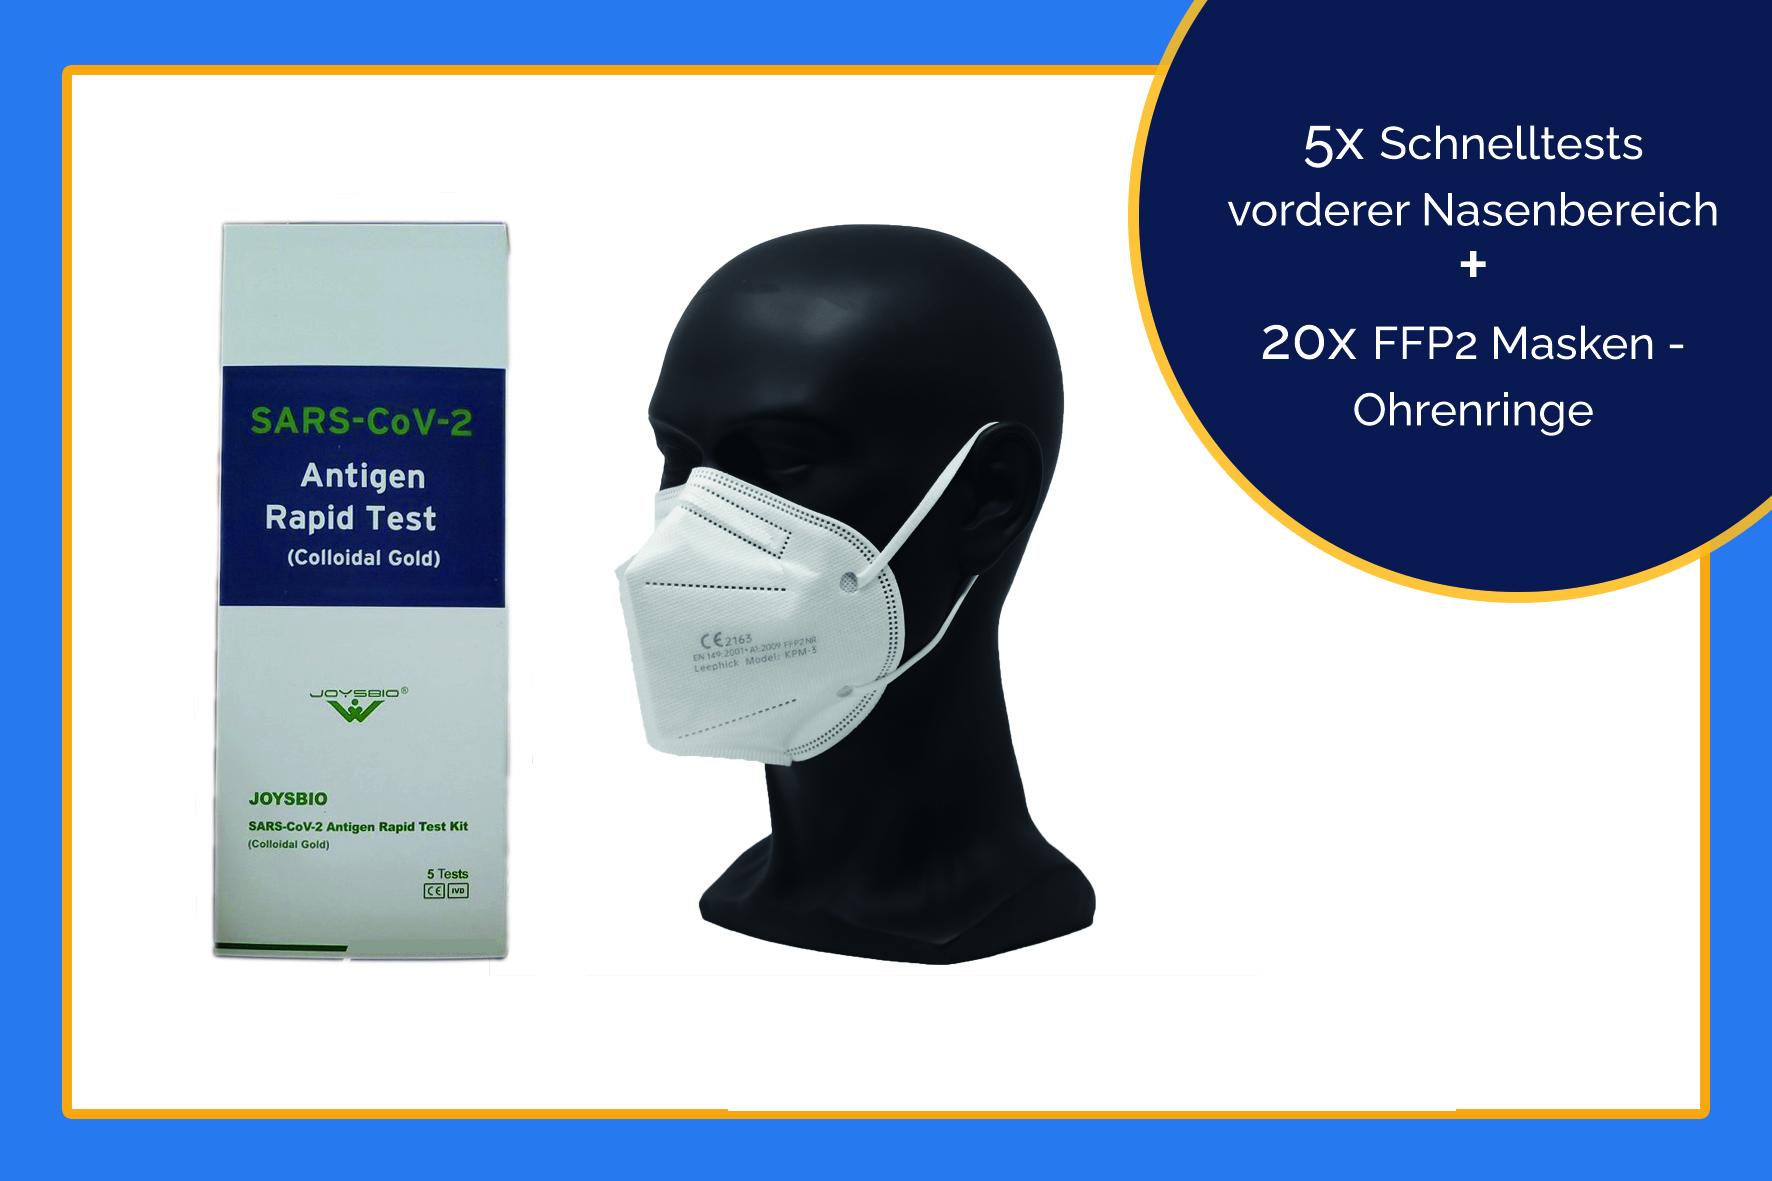 5x Schnelltests vorderer Nasenbereich + 20x FFP2 Masken - Ohrenringe